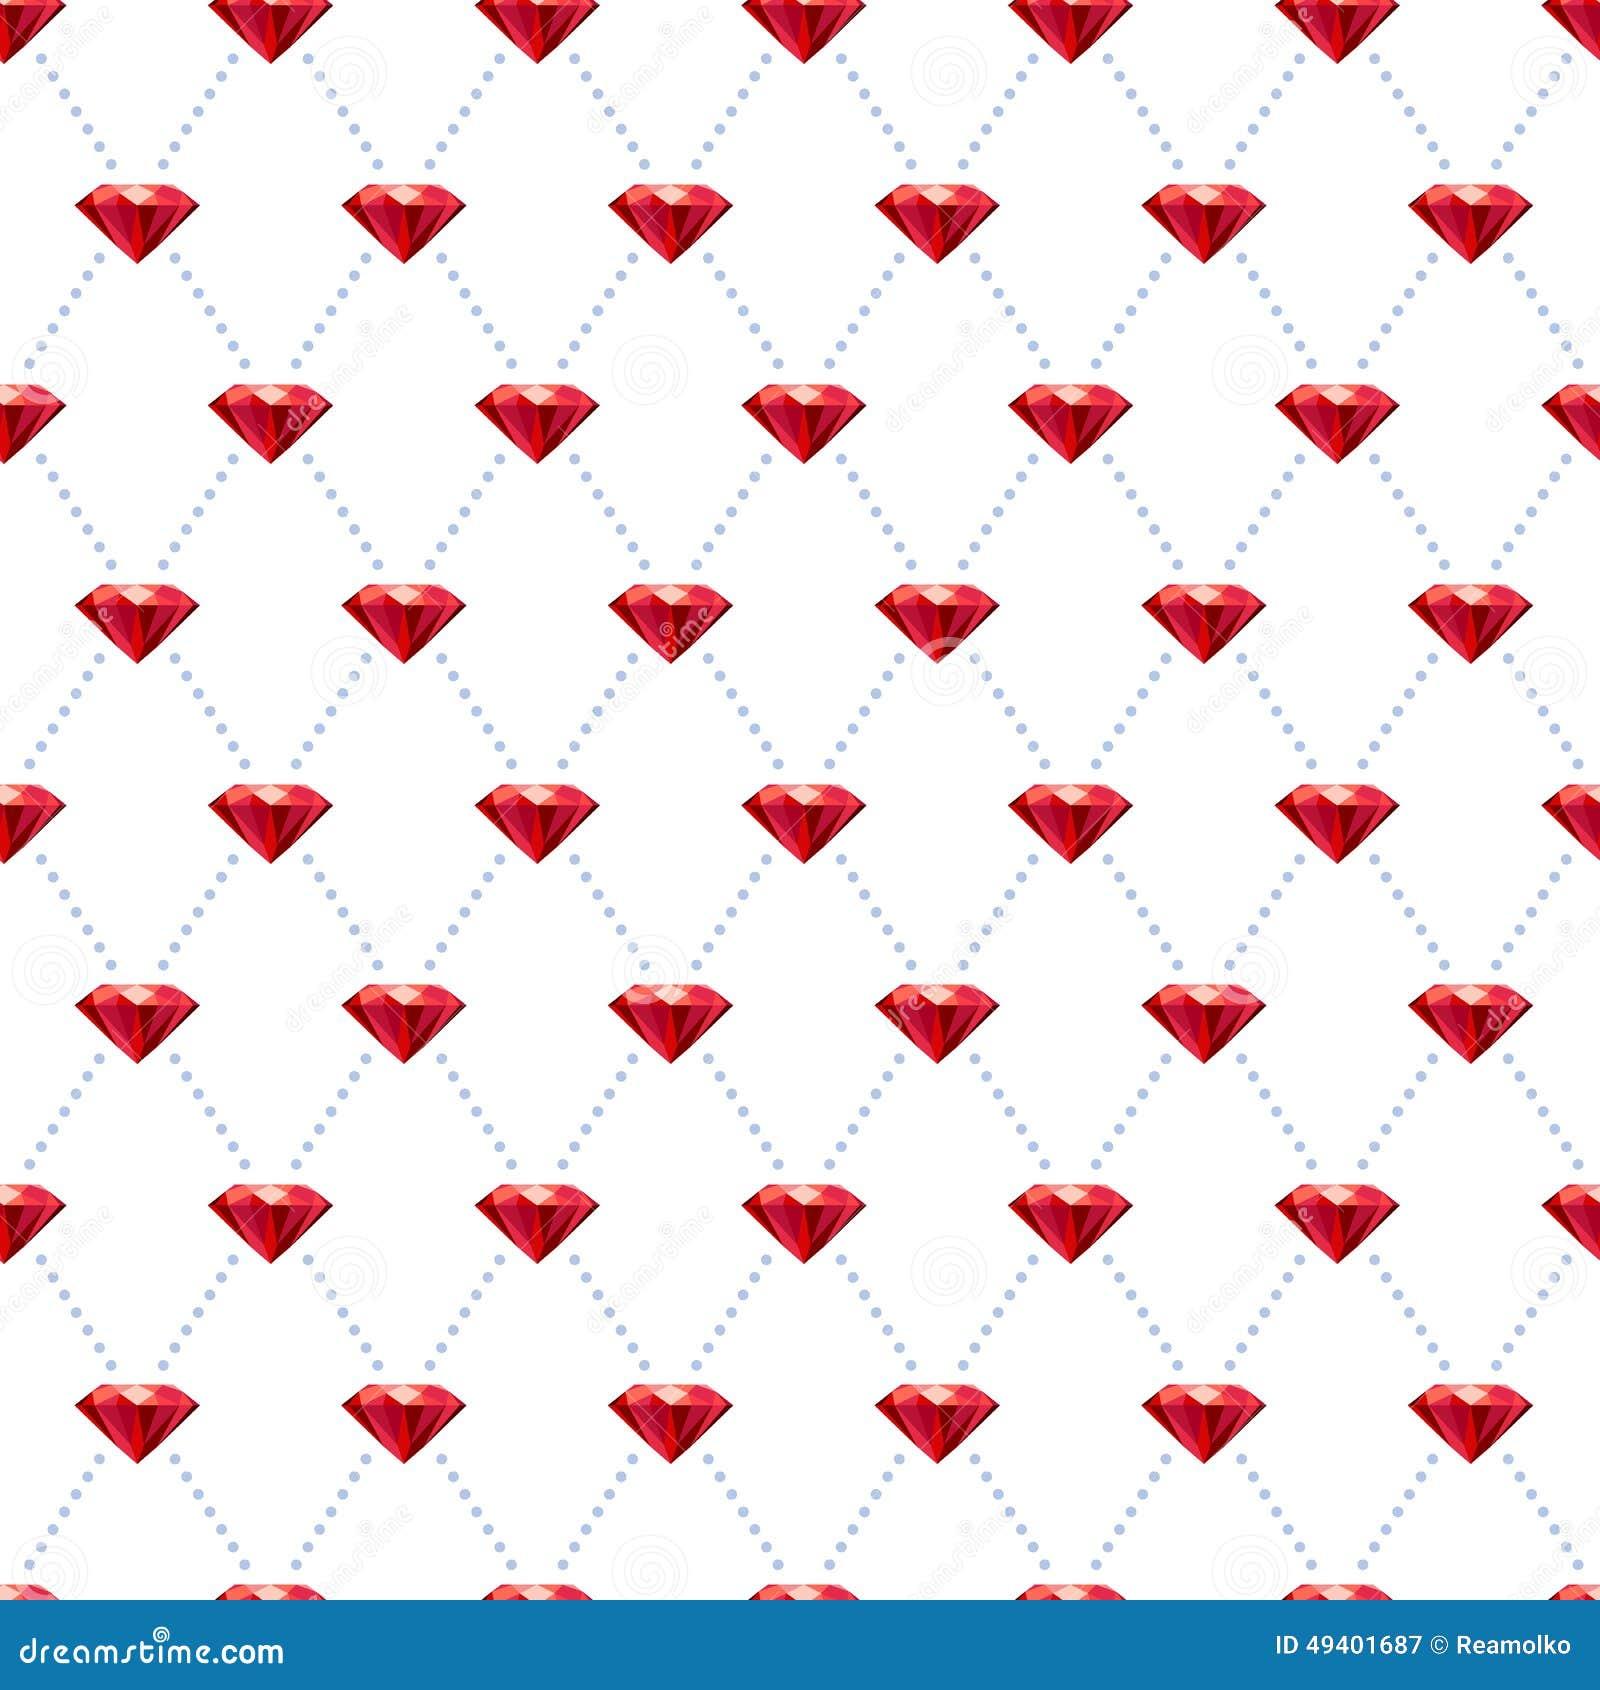 Download Nahtloses Karminrotes Muster Auf Weiß Vektor Abbildung - Illustration von flach, jewelery: 49401687